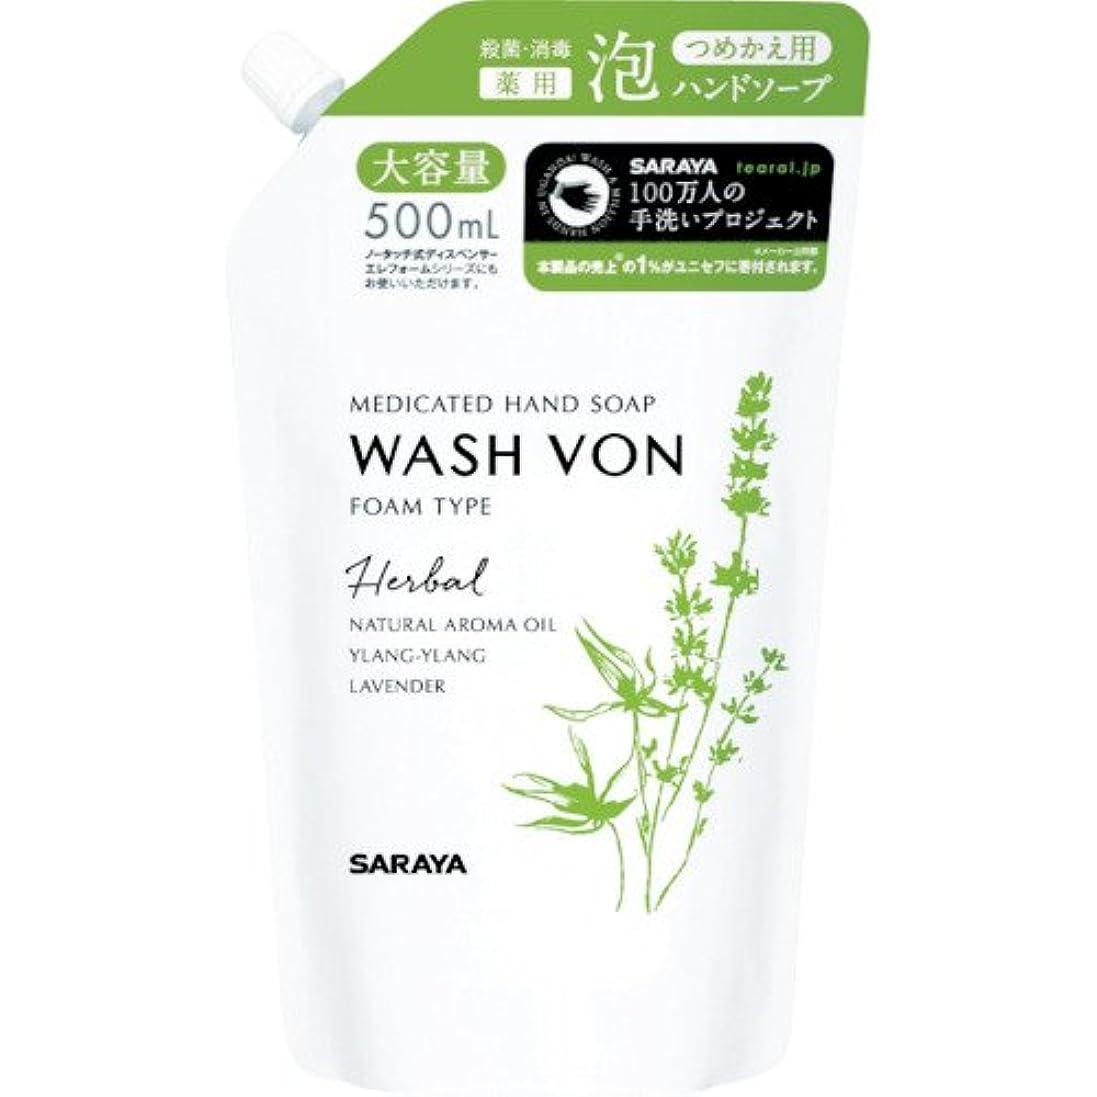 豪華な女将湿度サラヤ WASH VON ウォシュボン ハーバル薬用 ハンドソープ フォームタイプ 詰替用 500ml